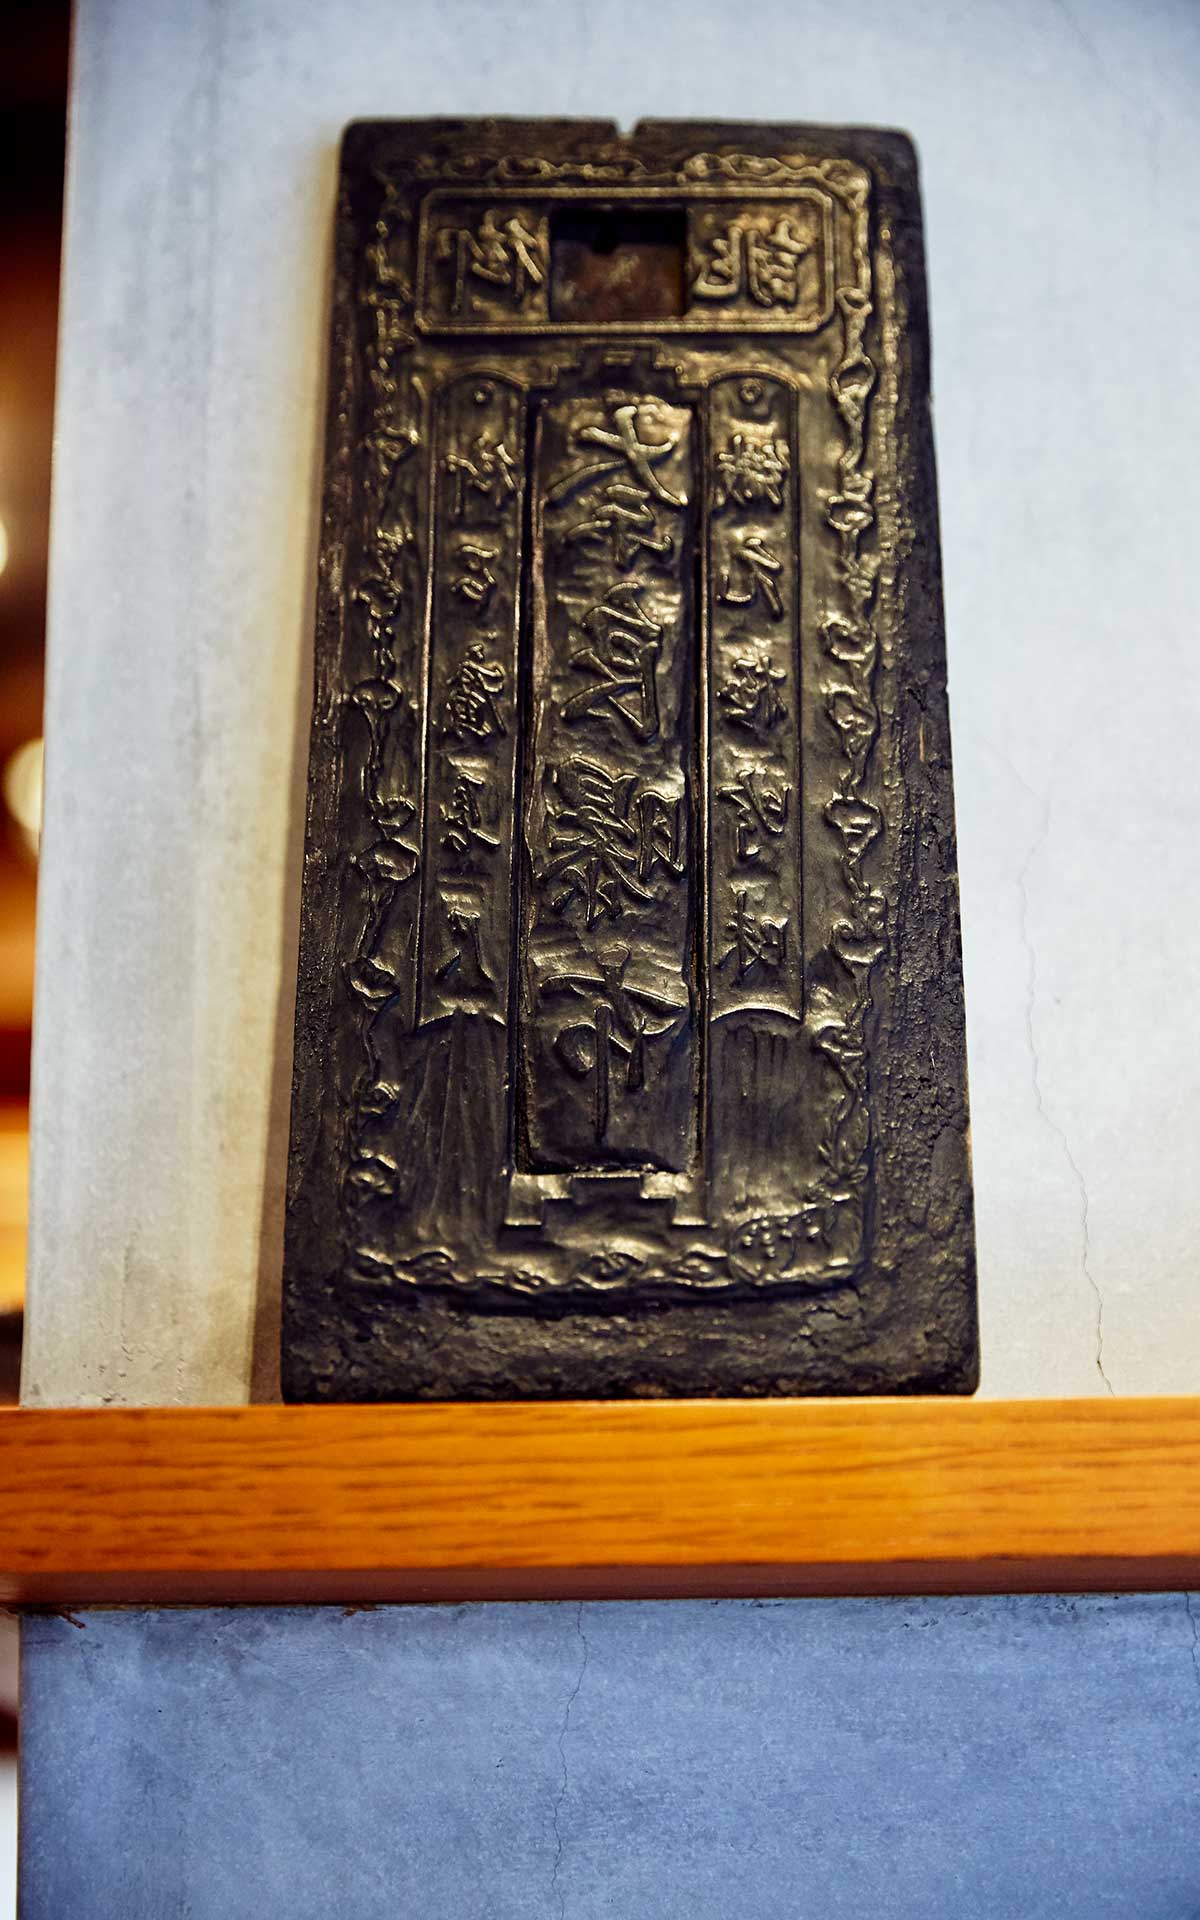 中央の柱に飾られた「奈良曝布」の判。どこにあるか探すのも楽しい